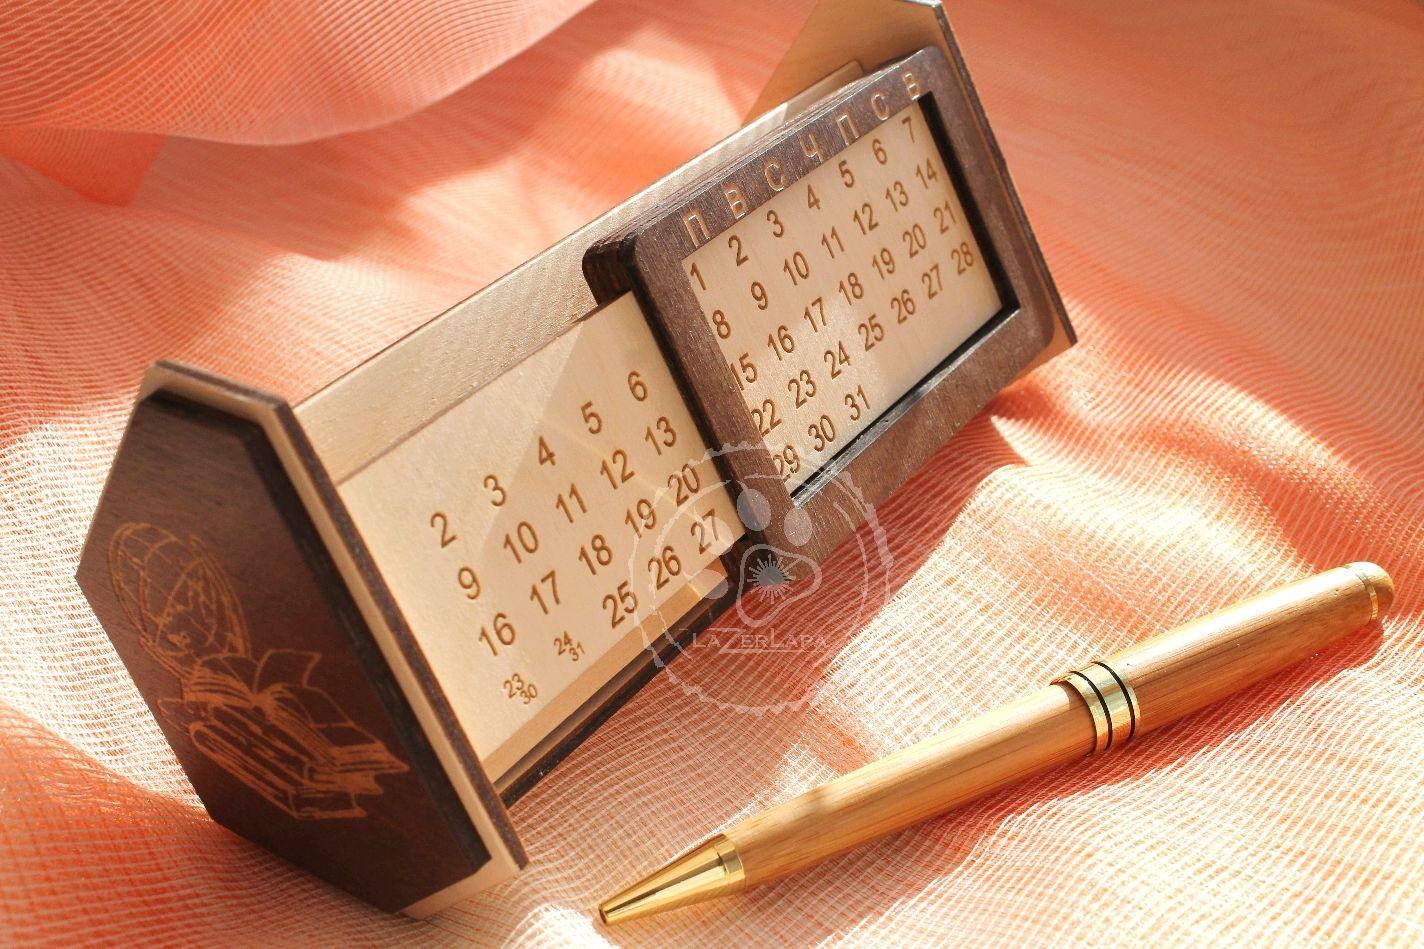 Вечный настольный календарь подарок учителю воспитателю на выпускной, Календари, Тверь, Фото №1